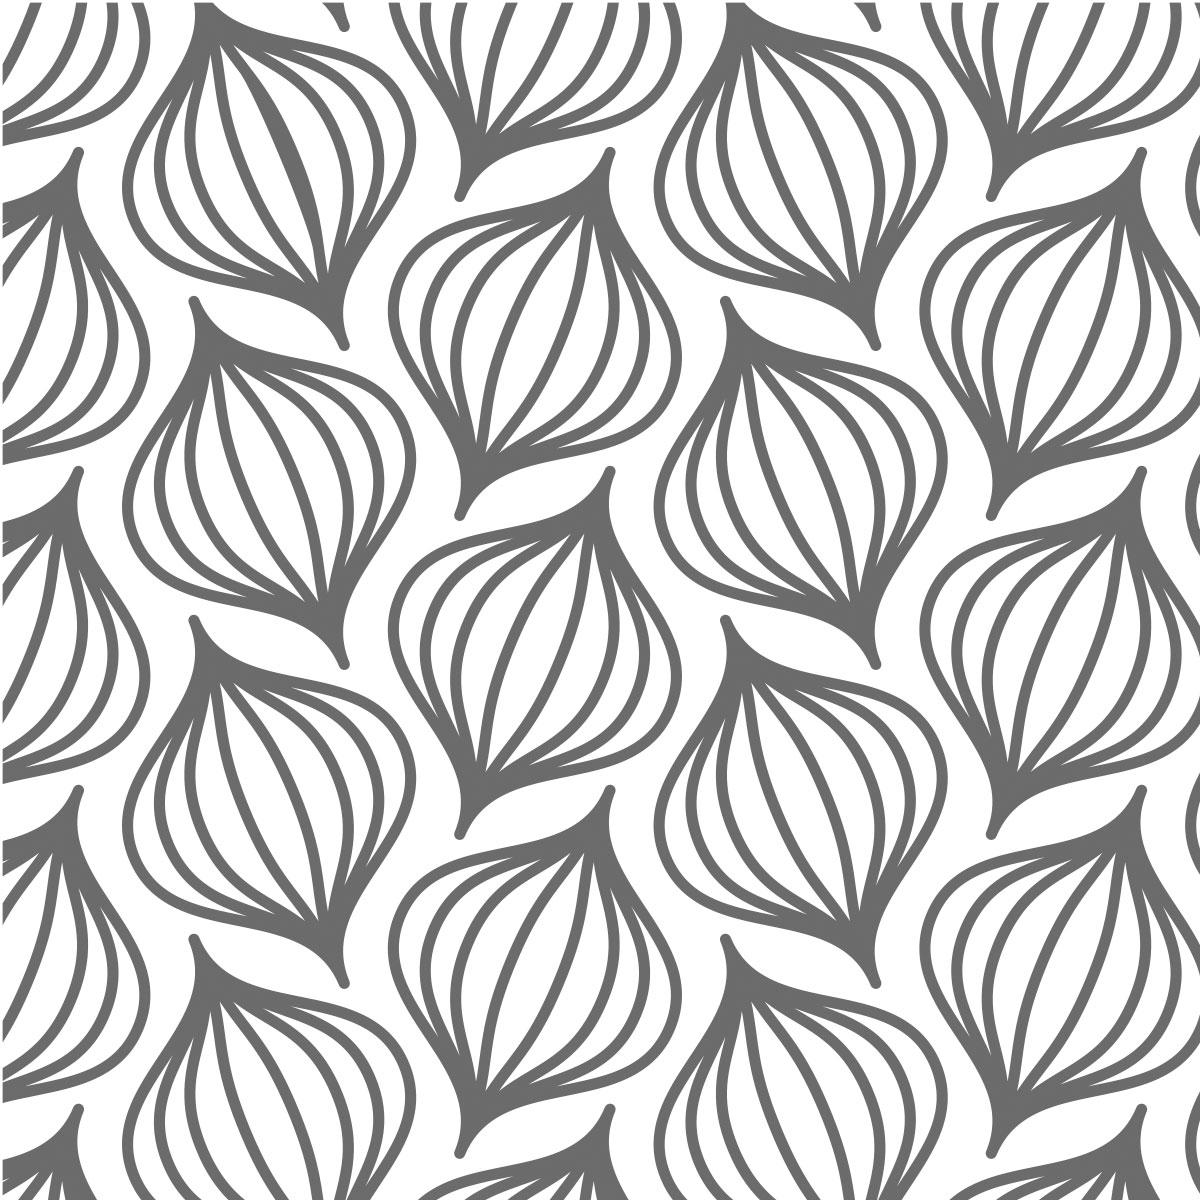 papier peint adh sif sur mesure motifs scandinaves mod le. Black Bedroom Furniture Sets. Home Design Ideas